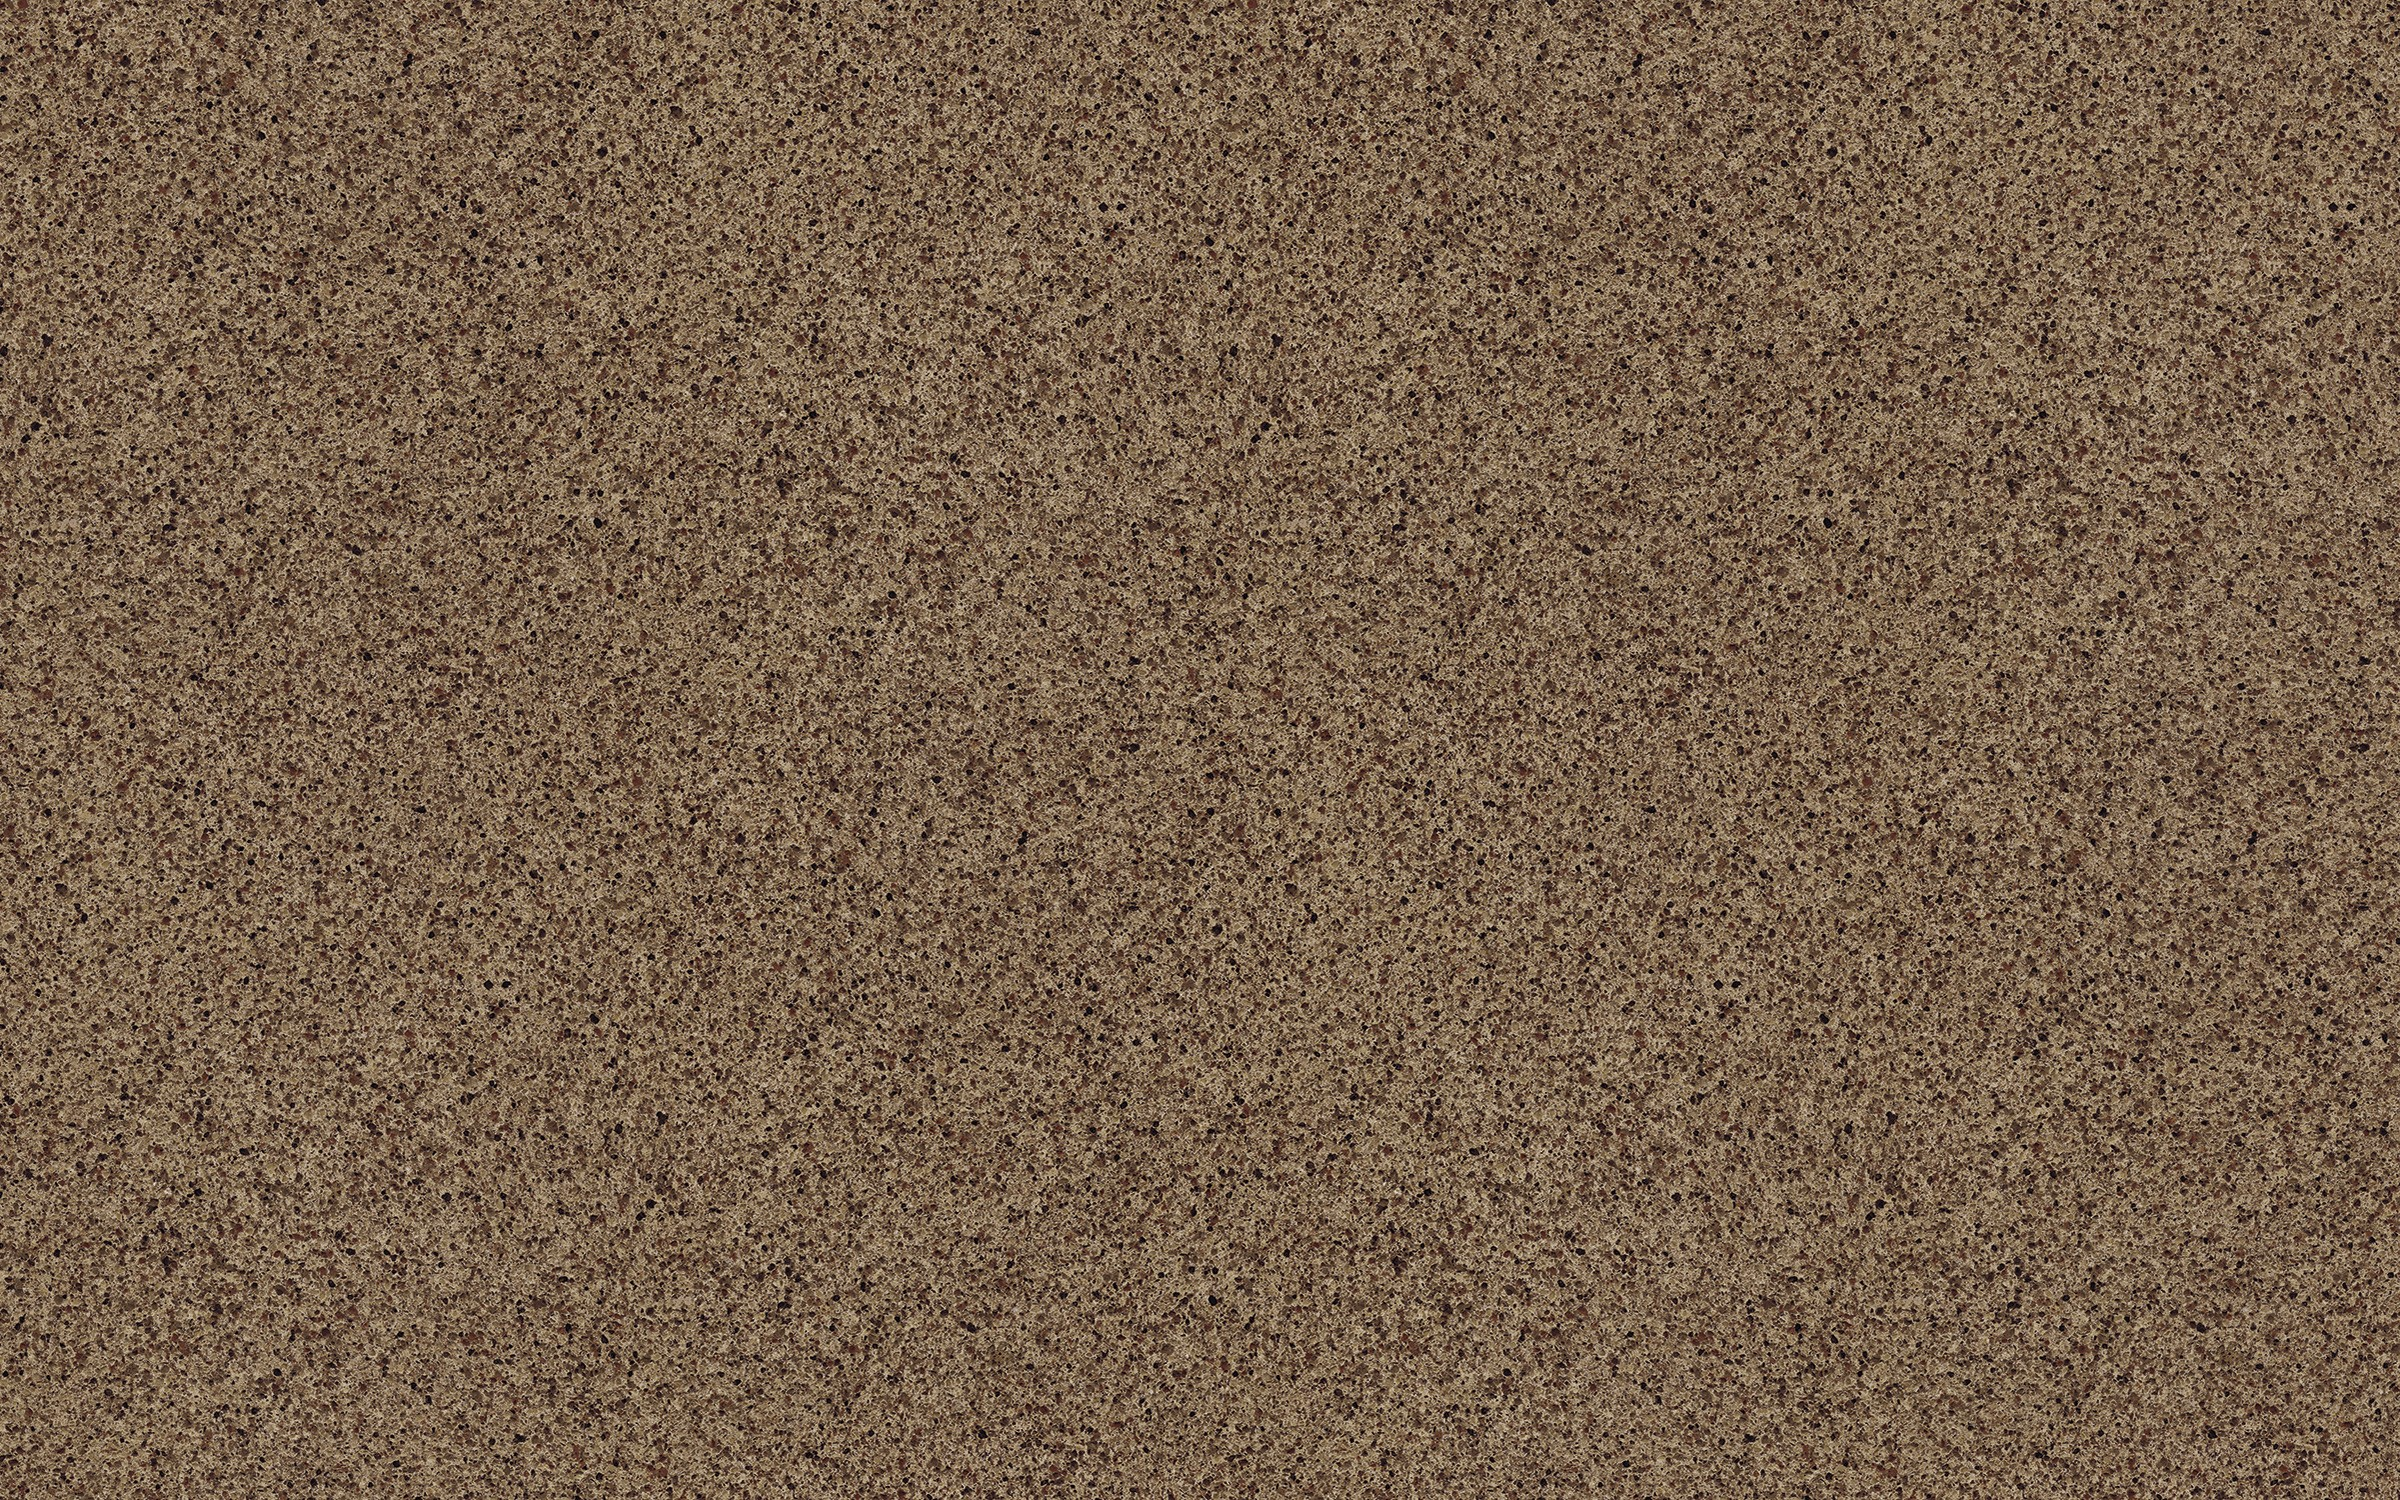 4978 Henna Vesta - Wilsonart